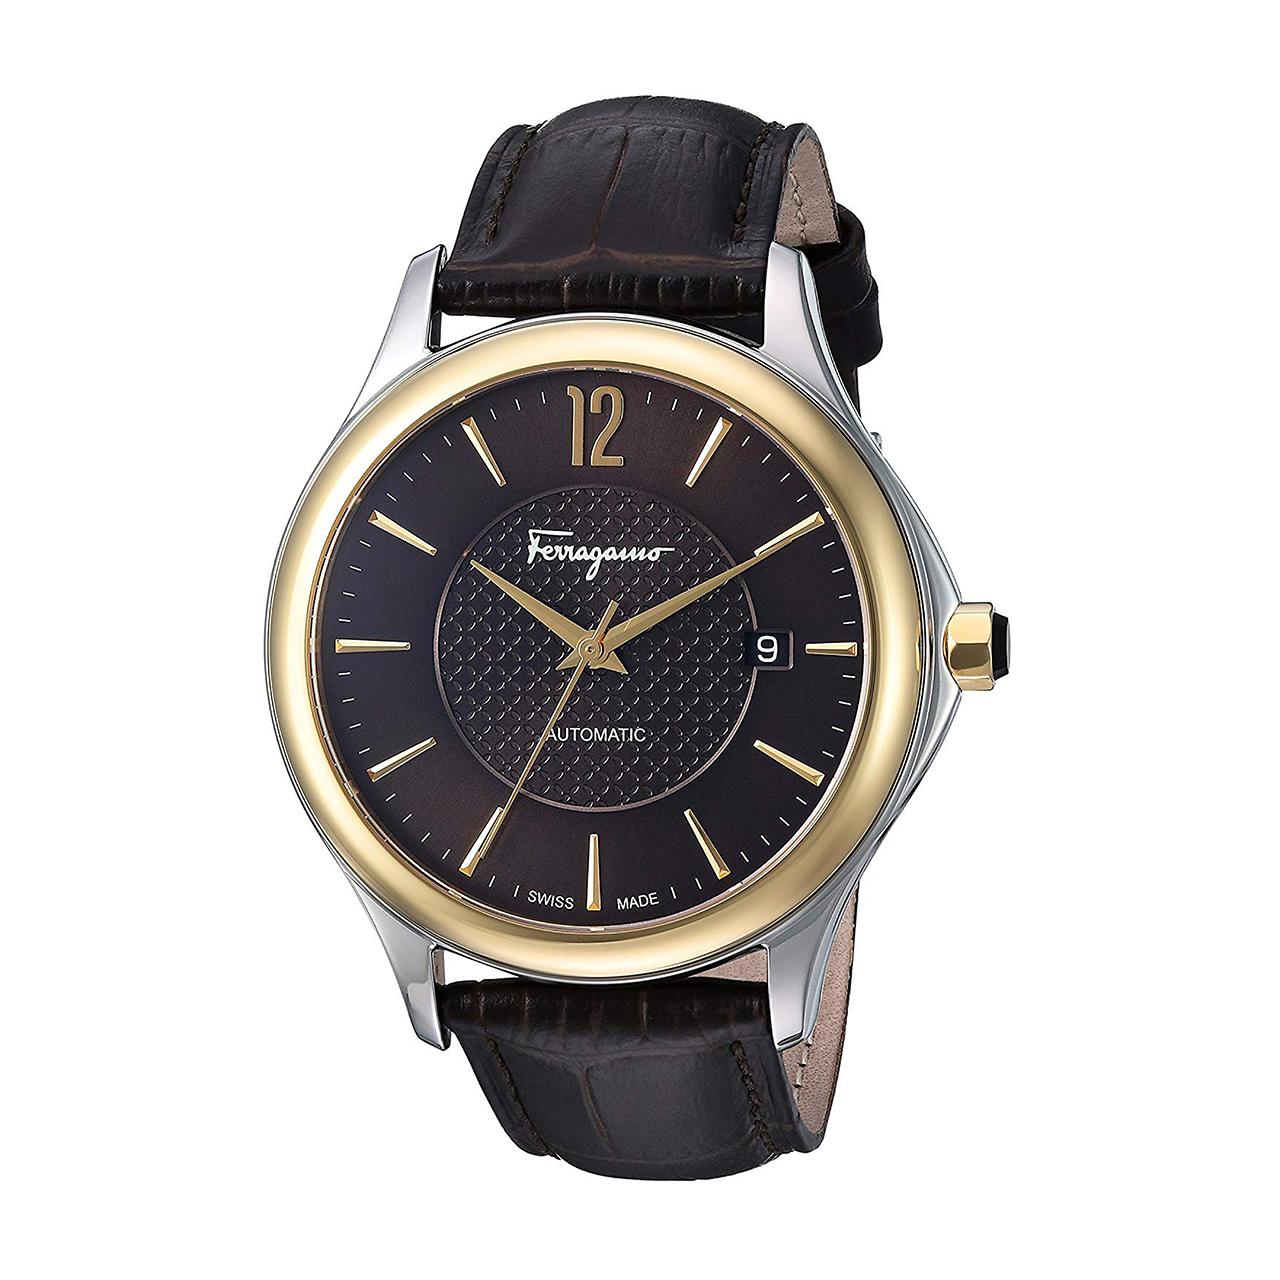 ساعت مچی عقربه ای مردانه سالواتوره فراگامو مدل FFT030016 9